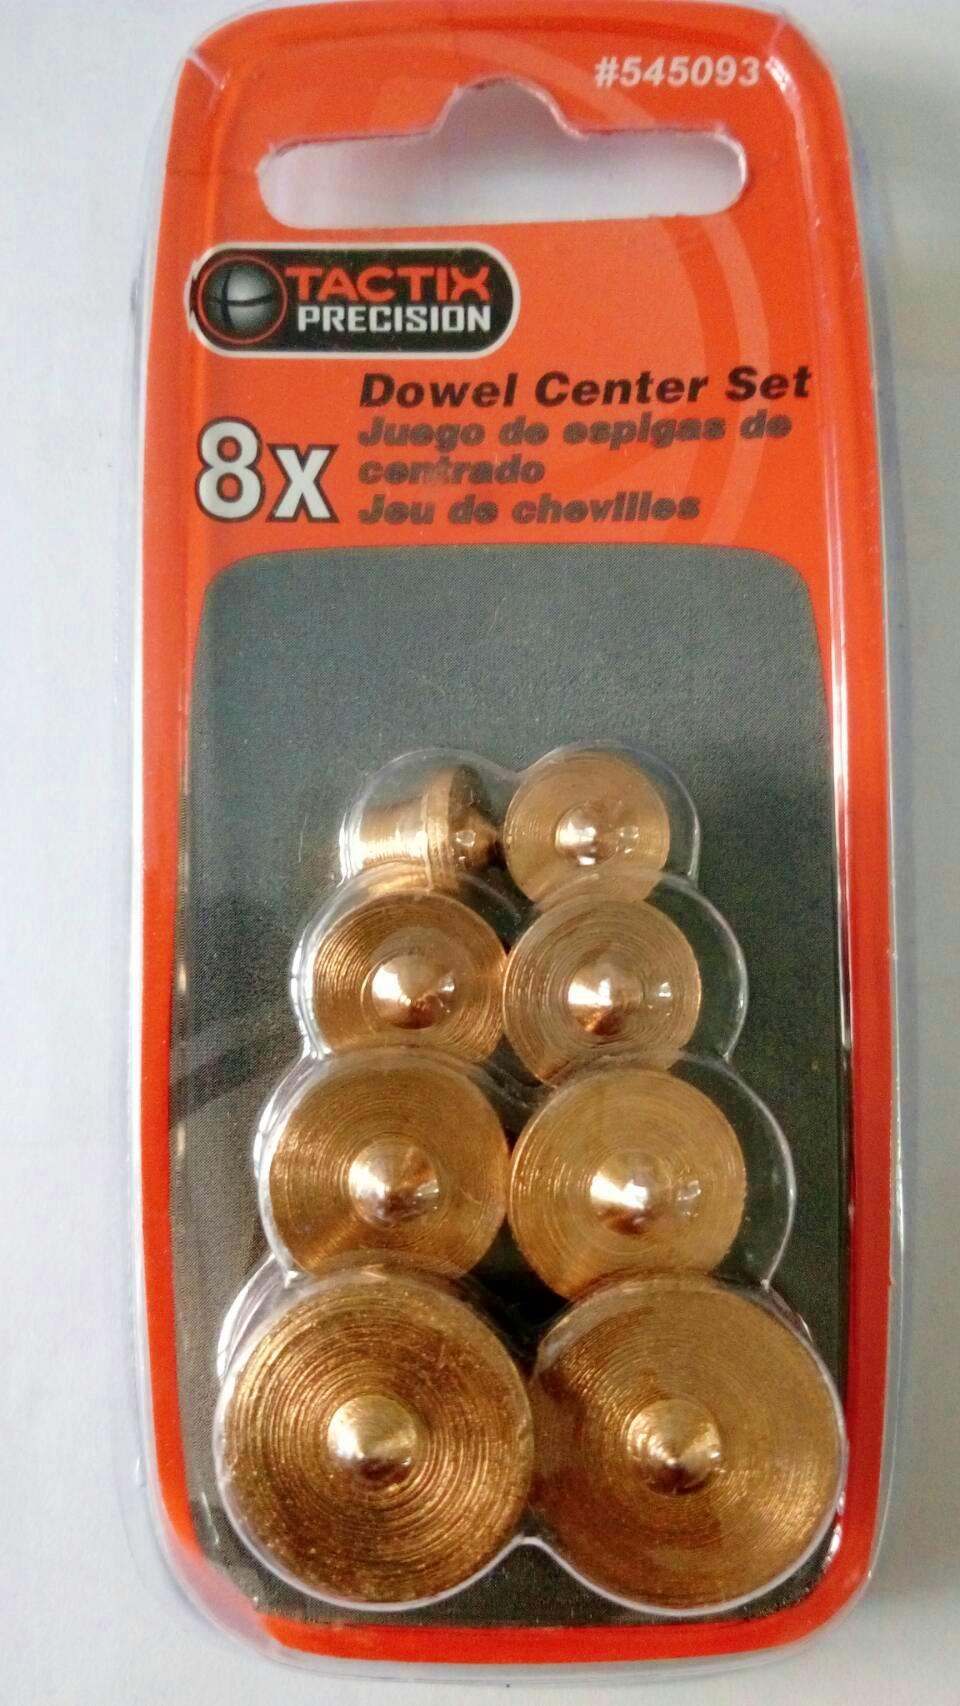 """ชุดตัวเจาะนำศูนย์หน่วยนิ้ว 1/4"""", 5/16"""", 3/8"""" และ 1/2"""" (8x Imperial Dowel Centering Set)"""